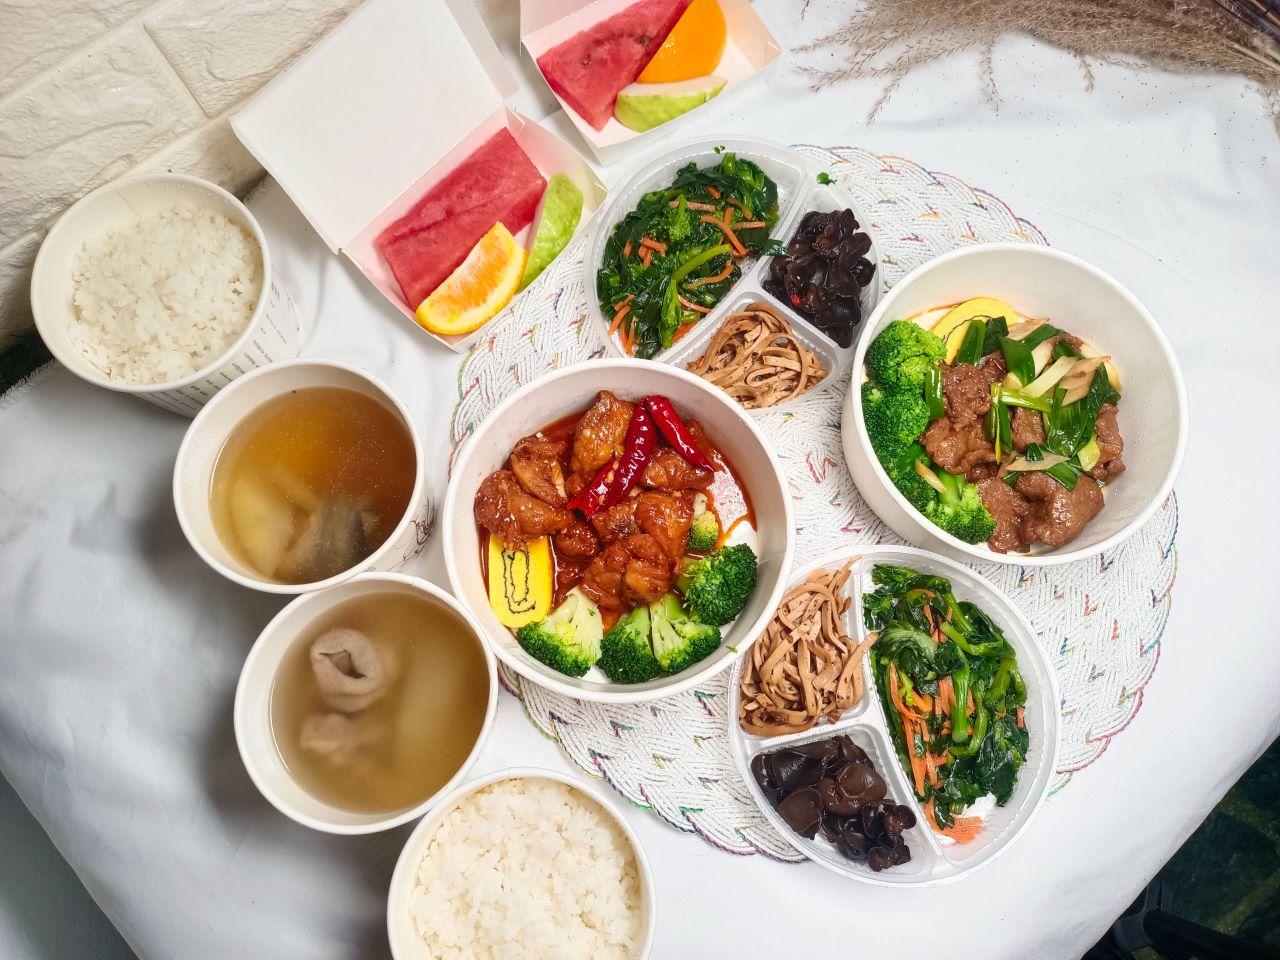 全省彭園婚宴會館多款經典菜色讓你在家就可以享用~一套180元一次享用每日主廚主餐加豪華三配菜,白飯水果和湯品 @Nancy將的生活筆計本